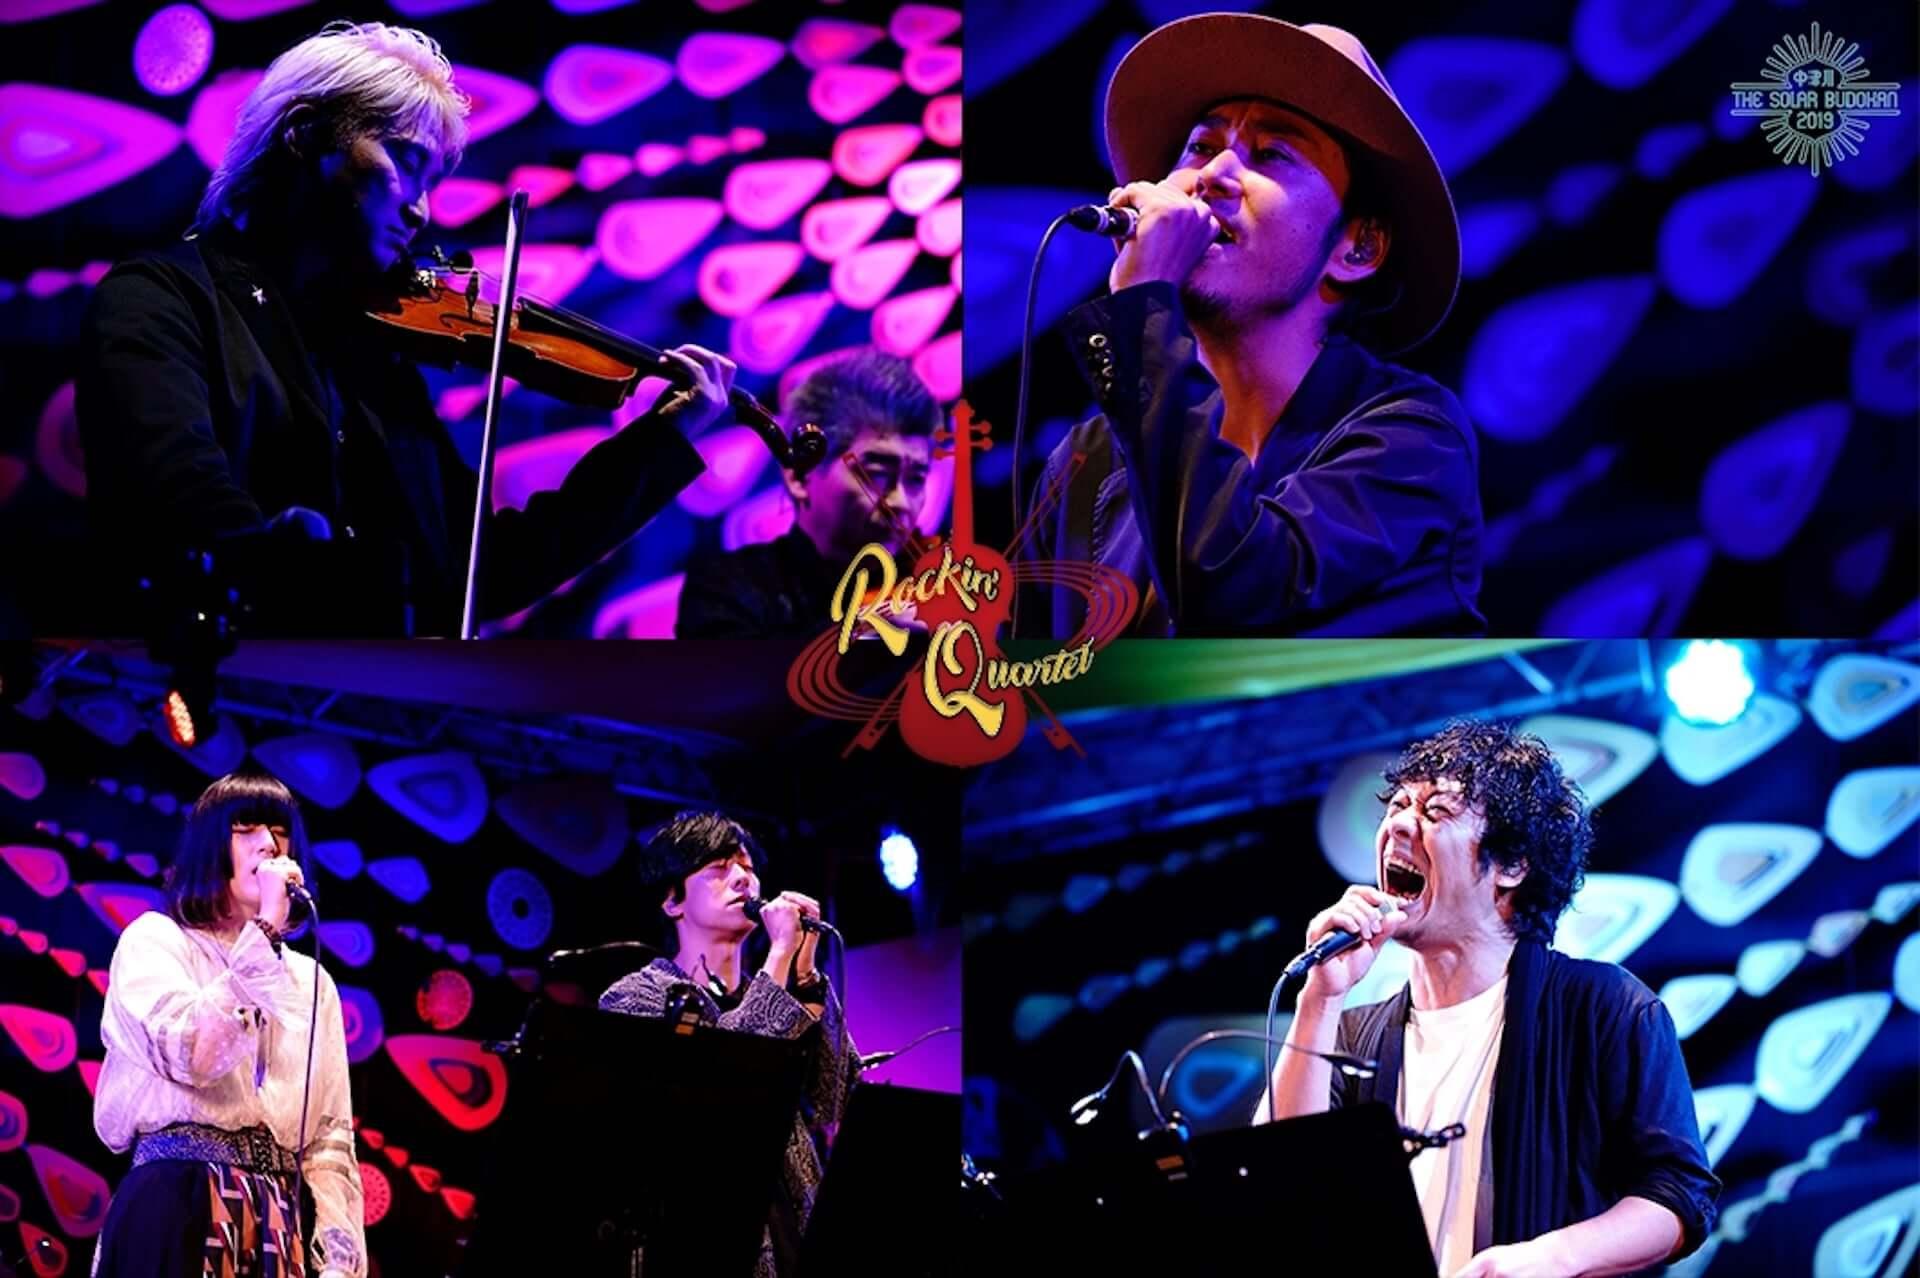 音楽のための新プロジェクト「LIVE LOVERS」が始動 奥田民生、横山剣、牧達弥のコメント動画に加えてライブ映像など続々公開 music200601_live_lovers_1-1920x1278